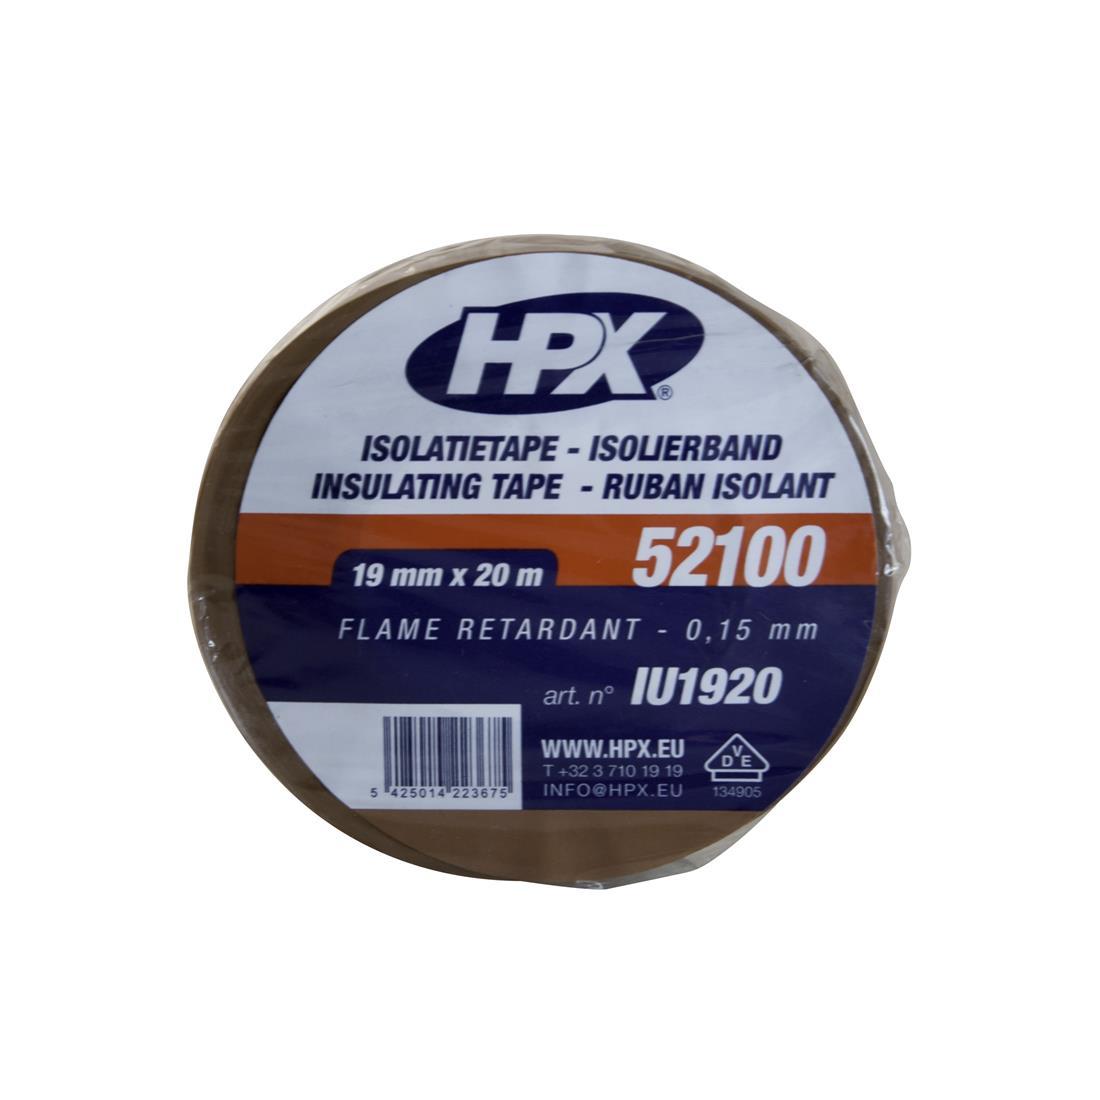 HPX isolatietape 19mm x 20 meter bruin (IU1920)